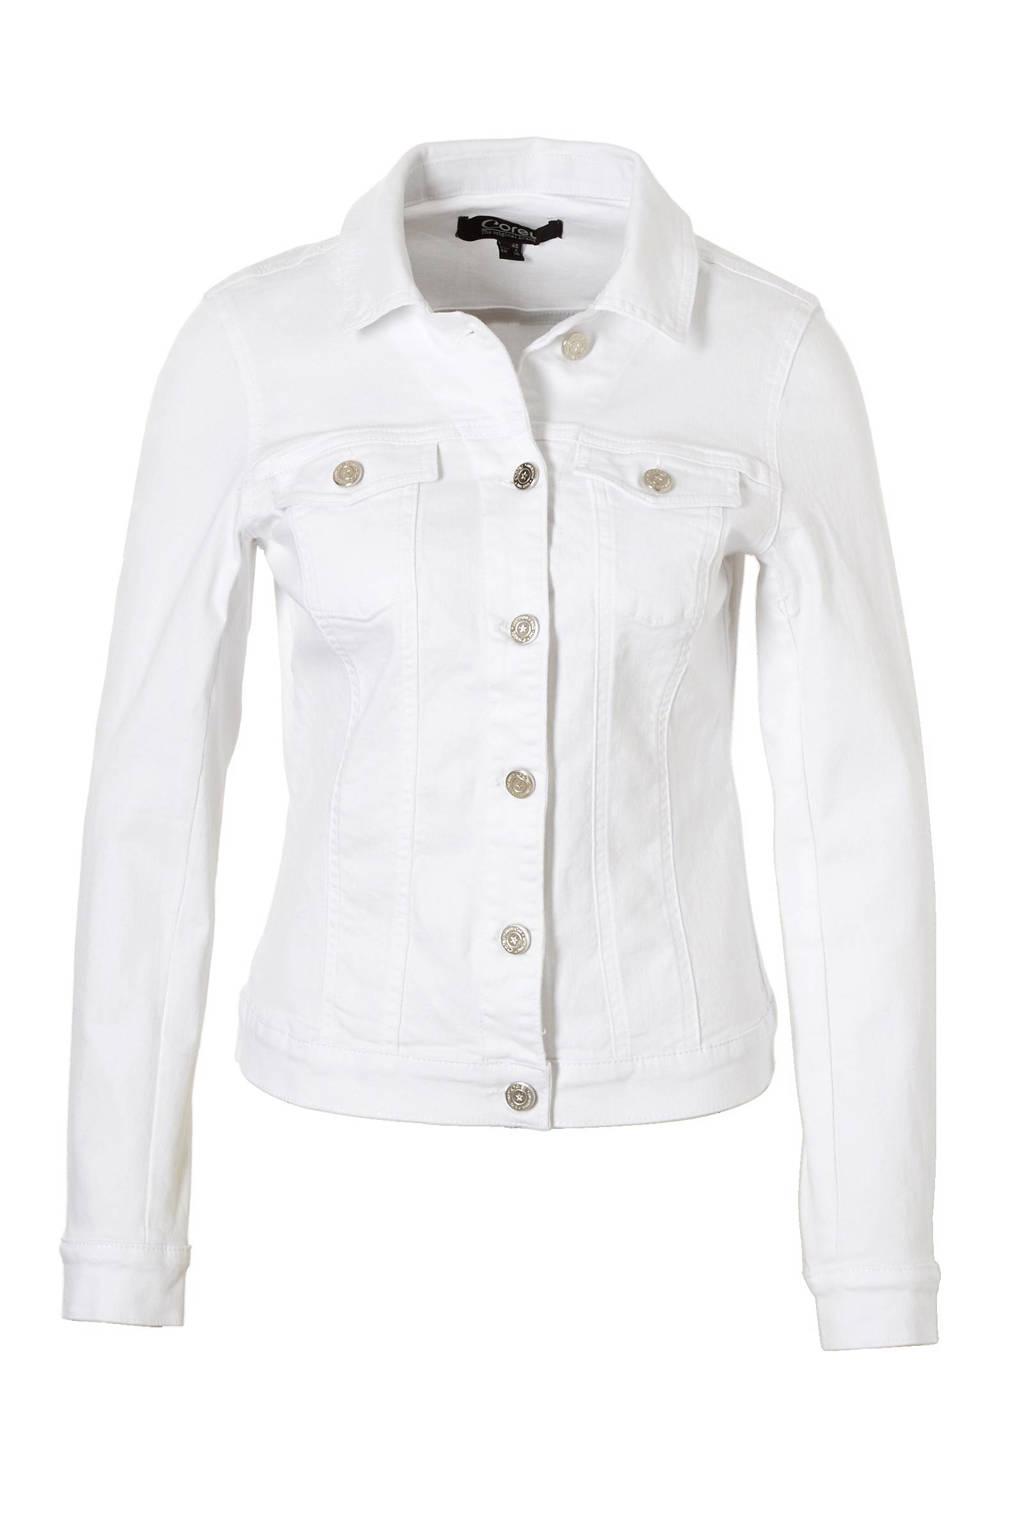 Corel spijkerjasje, Wit